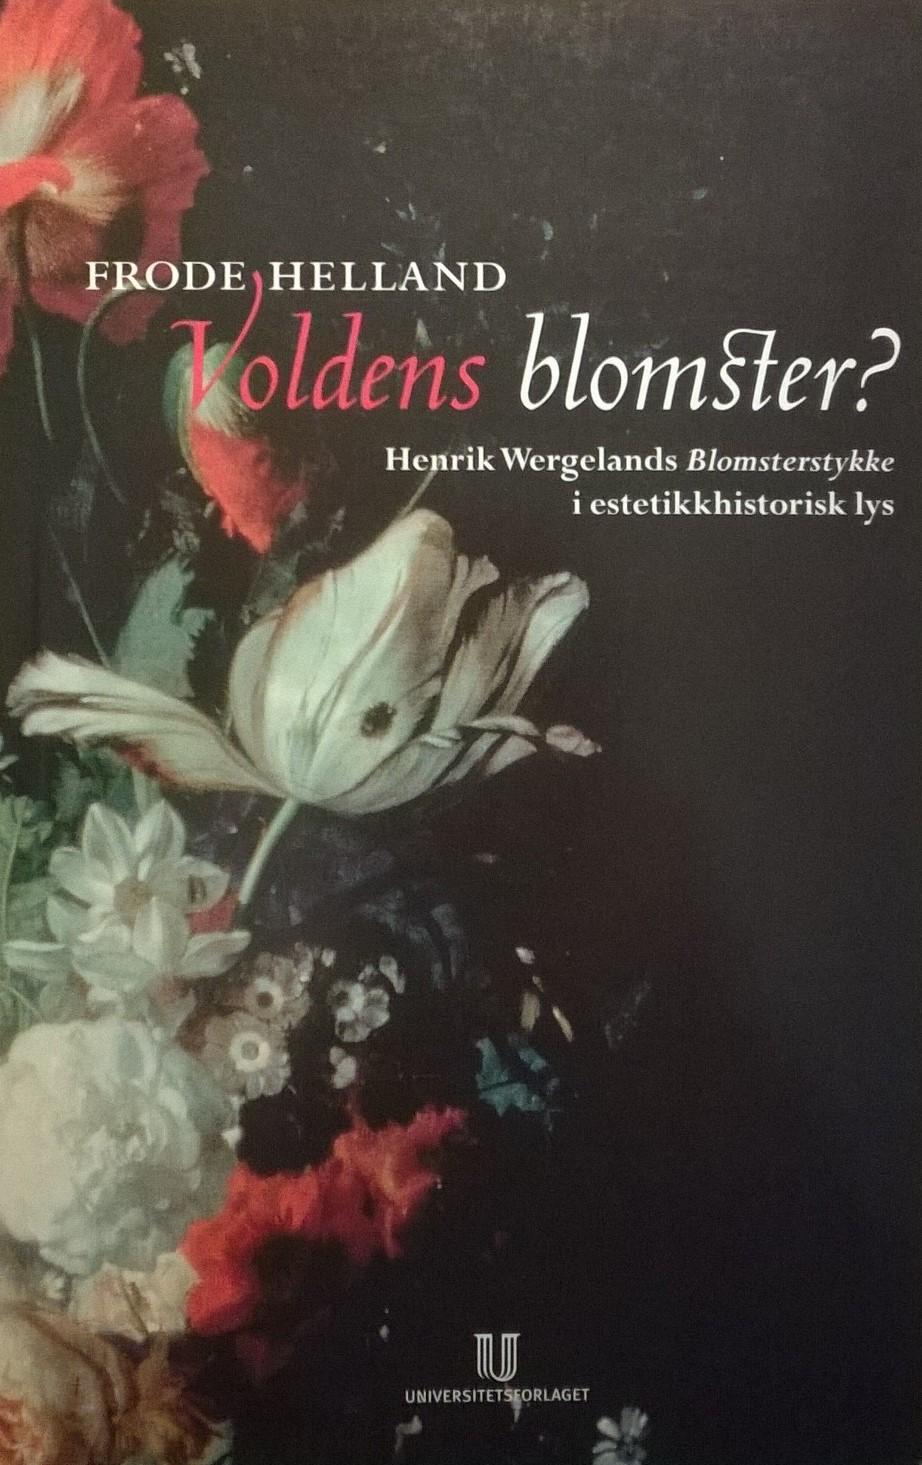 Helland, Frode Voldens blomster? Henrik Wergelands Blomsterstykke i estetikkhistorisk lys